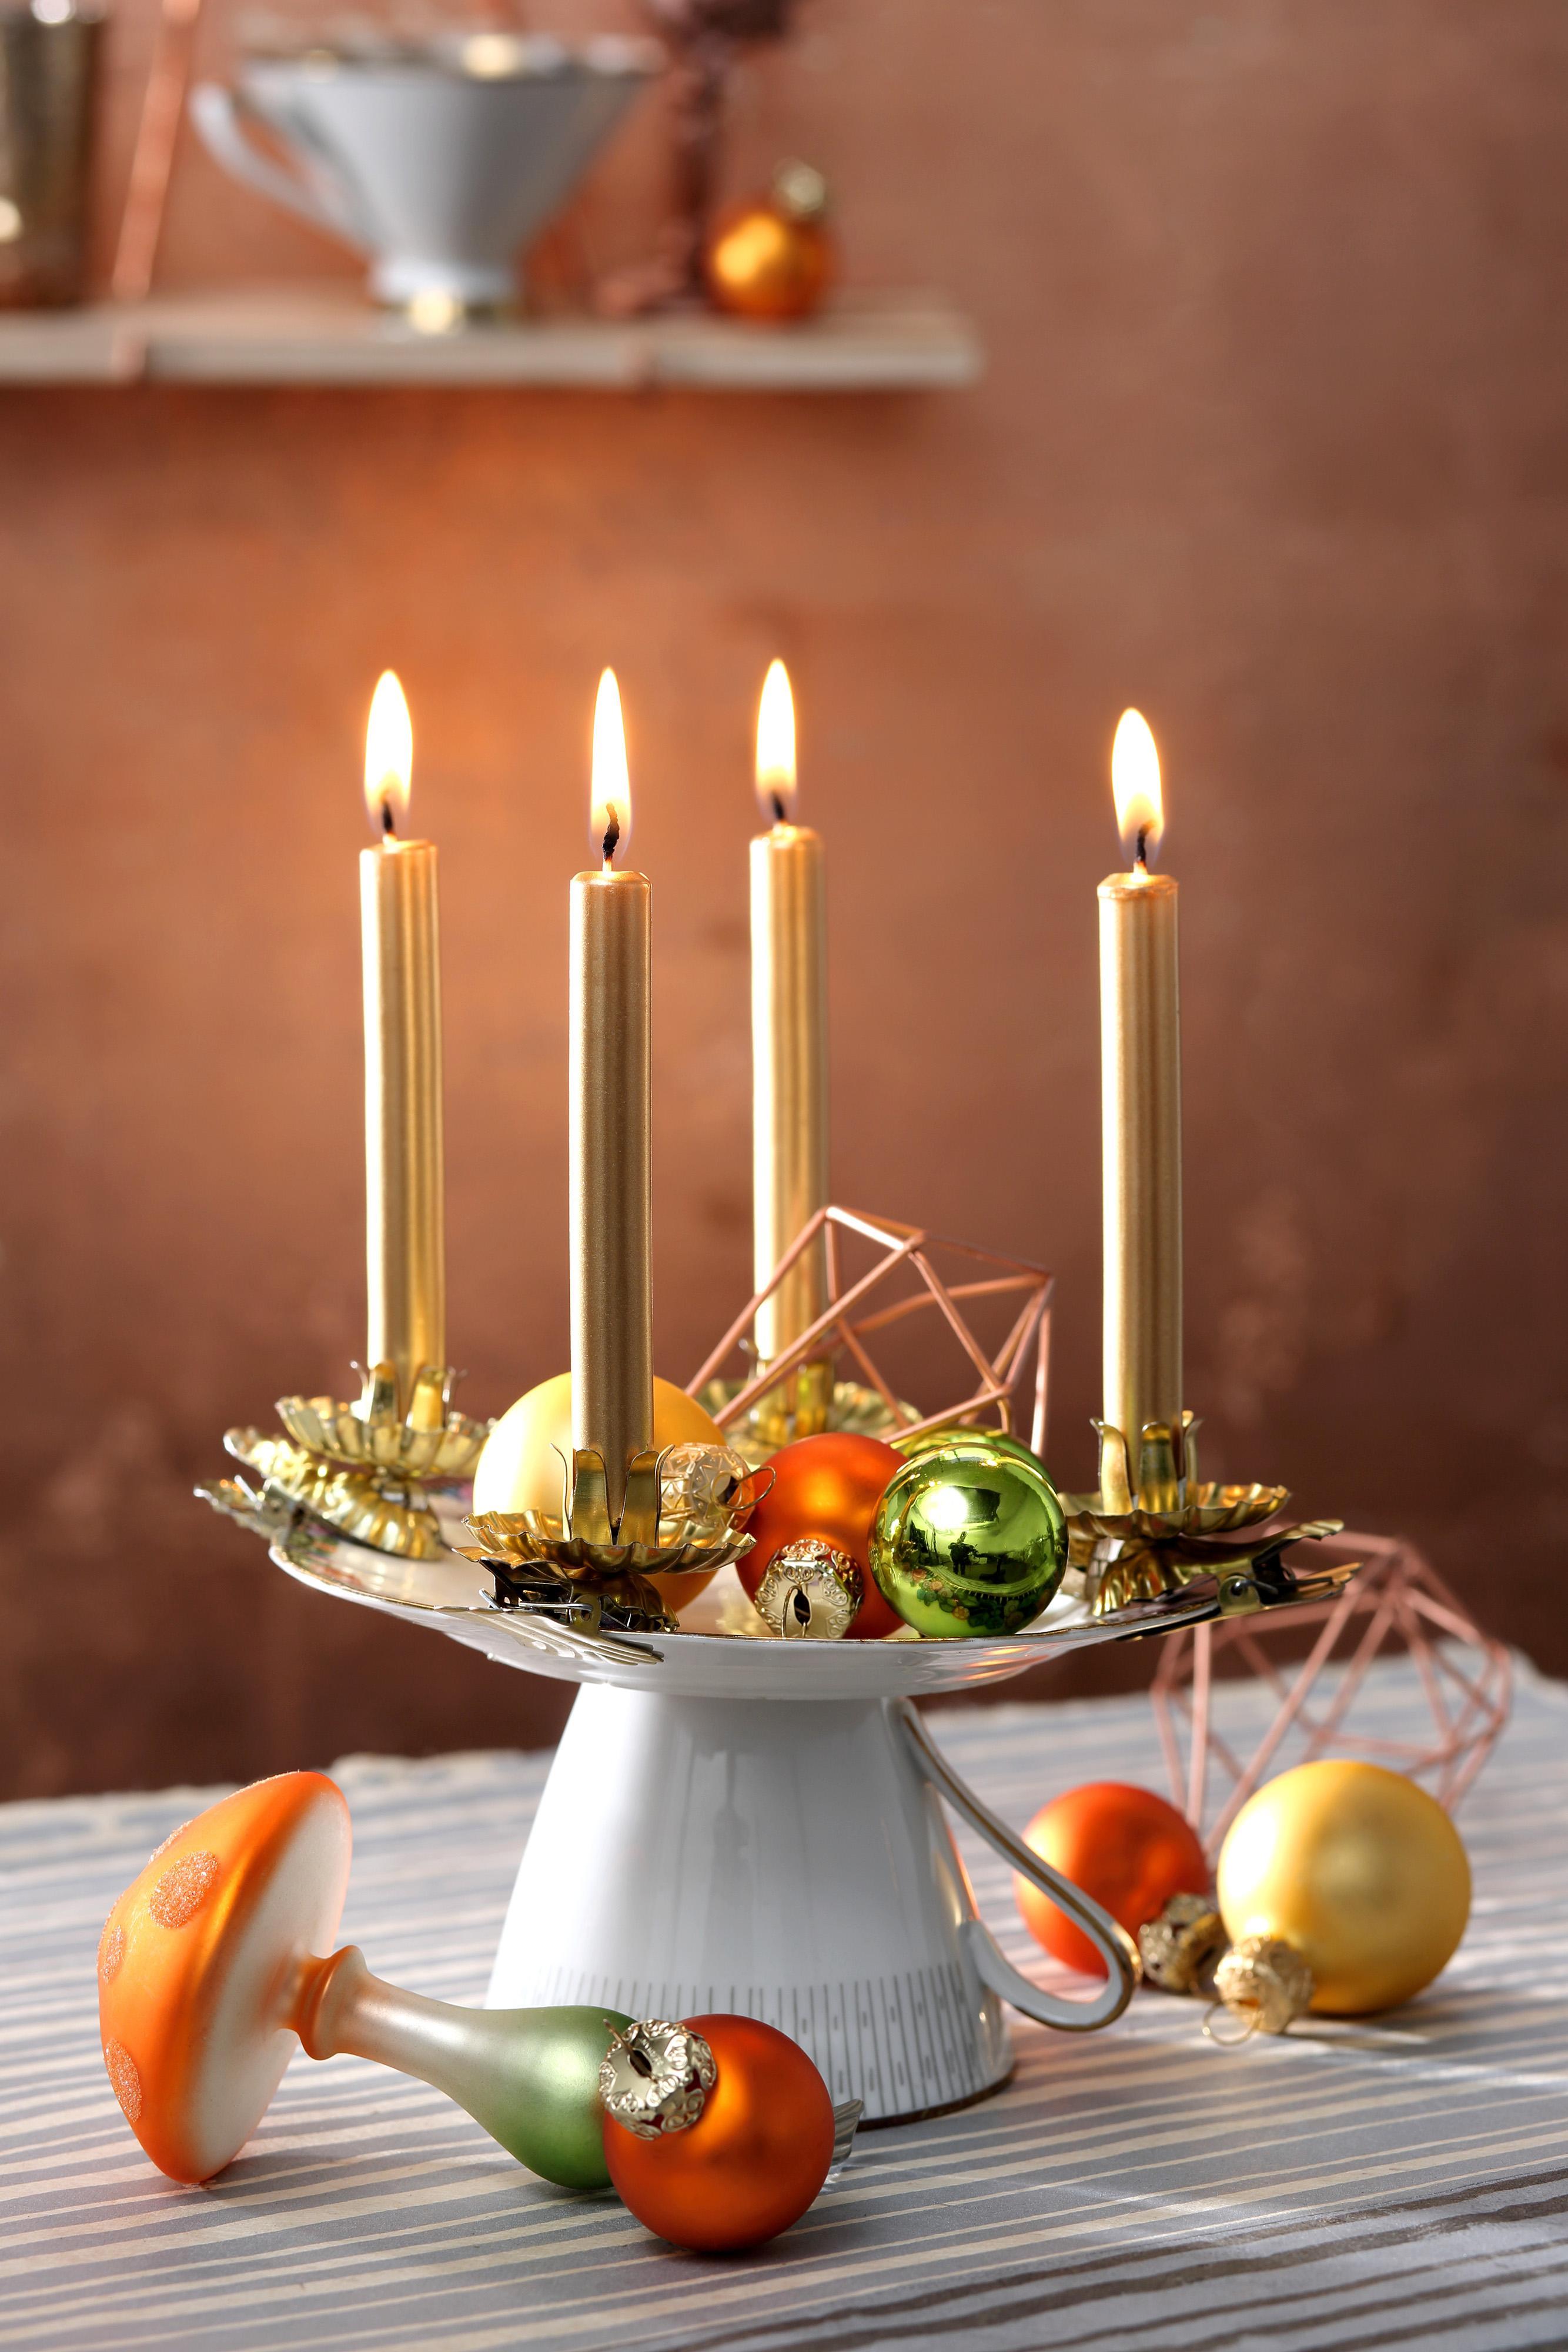 Tischdeko weihnachten basteln  Tischdeko für Weihnachten • Bilder & Ideen • COUCHstyle